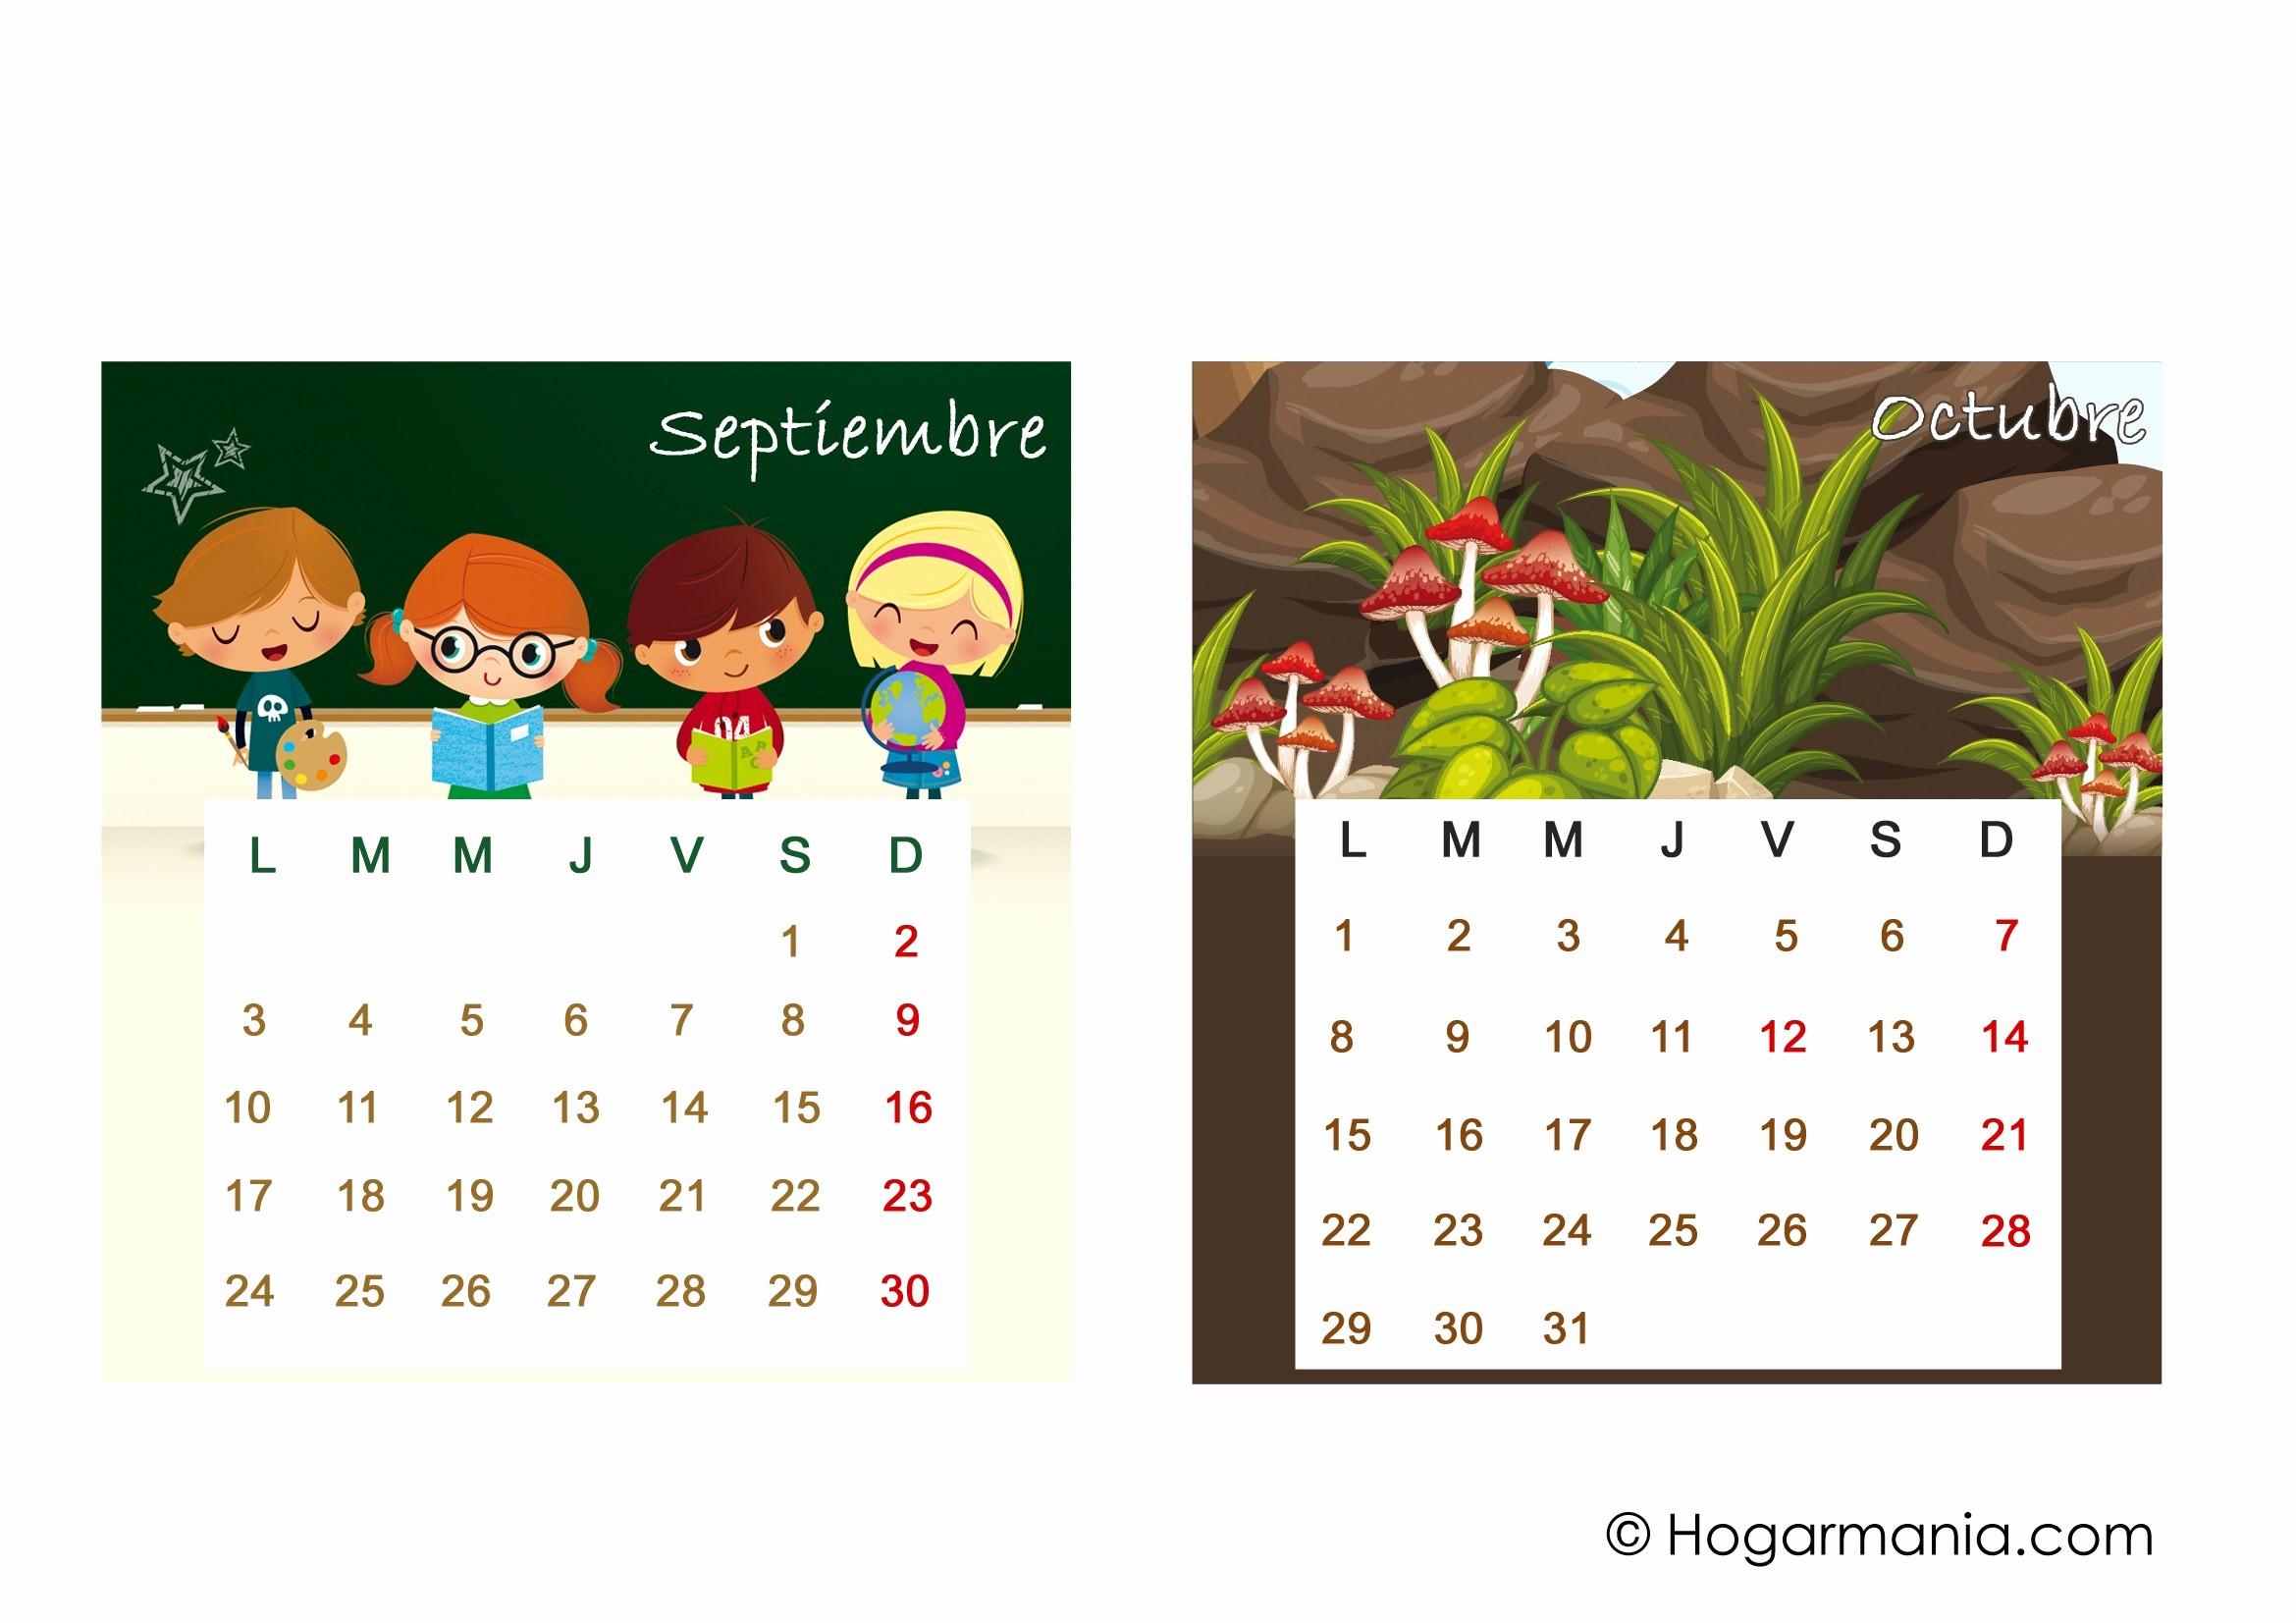 Calendario Escolar Septiembre 2019 Para Imprimir Más Recientemente Liberado Fresh 45 Ilustraci³n Cambridge House Calendario 2019 Of Calendario Escolar Septiembre 2019 Para Imprimir Mejores Y Más Novedosos Calendario Para Imprimir 2019 Enero Calendario Imprimir Enero